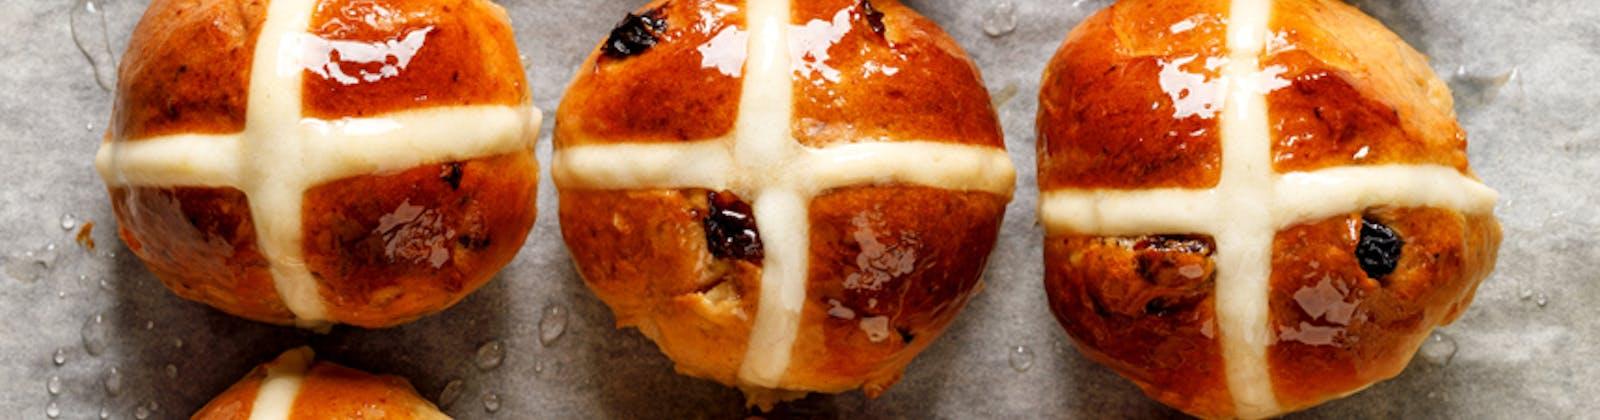 hot cross buns glazed on a tray